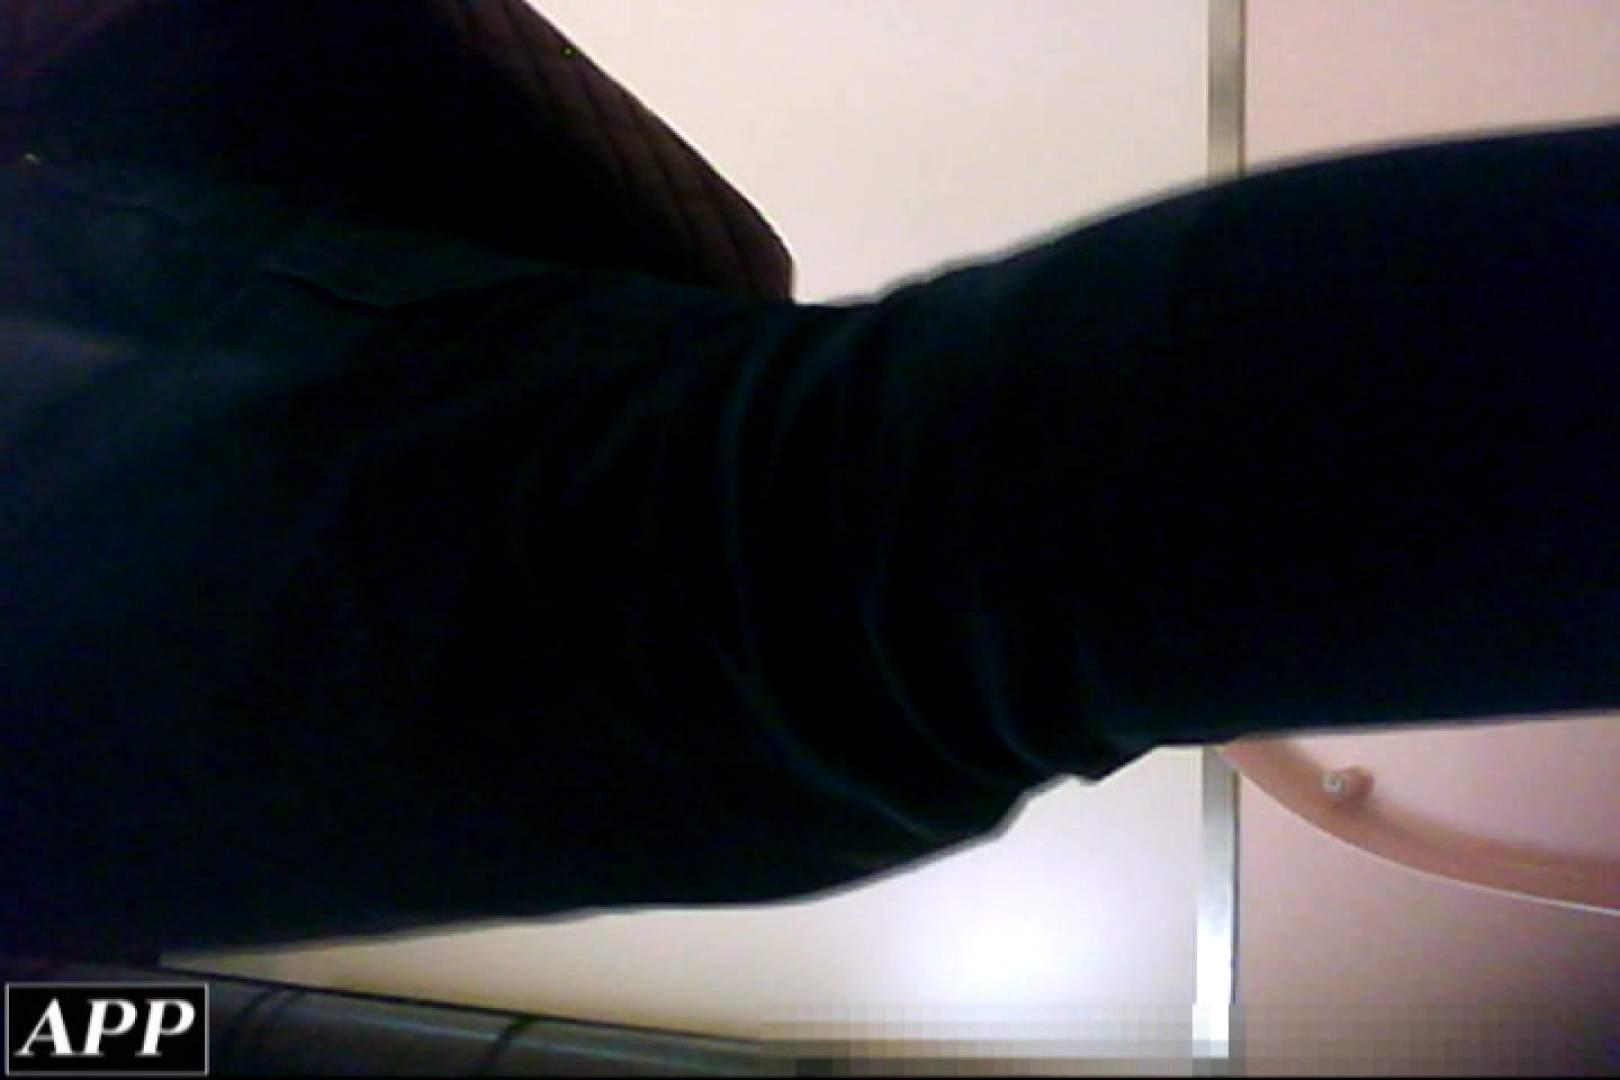 3視点洗面所 vol.58 モロだしオマンコ オマンコ無修正動画無料 74pic 64